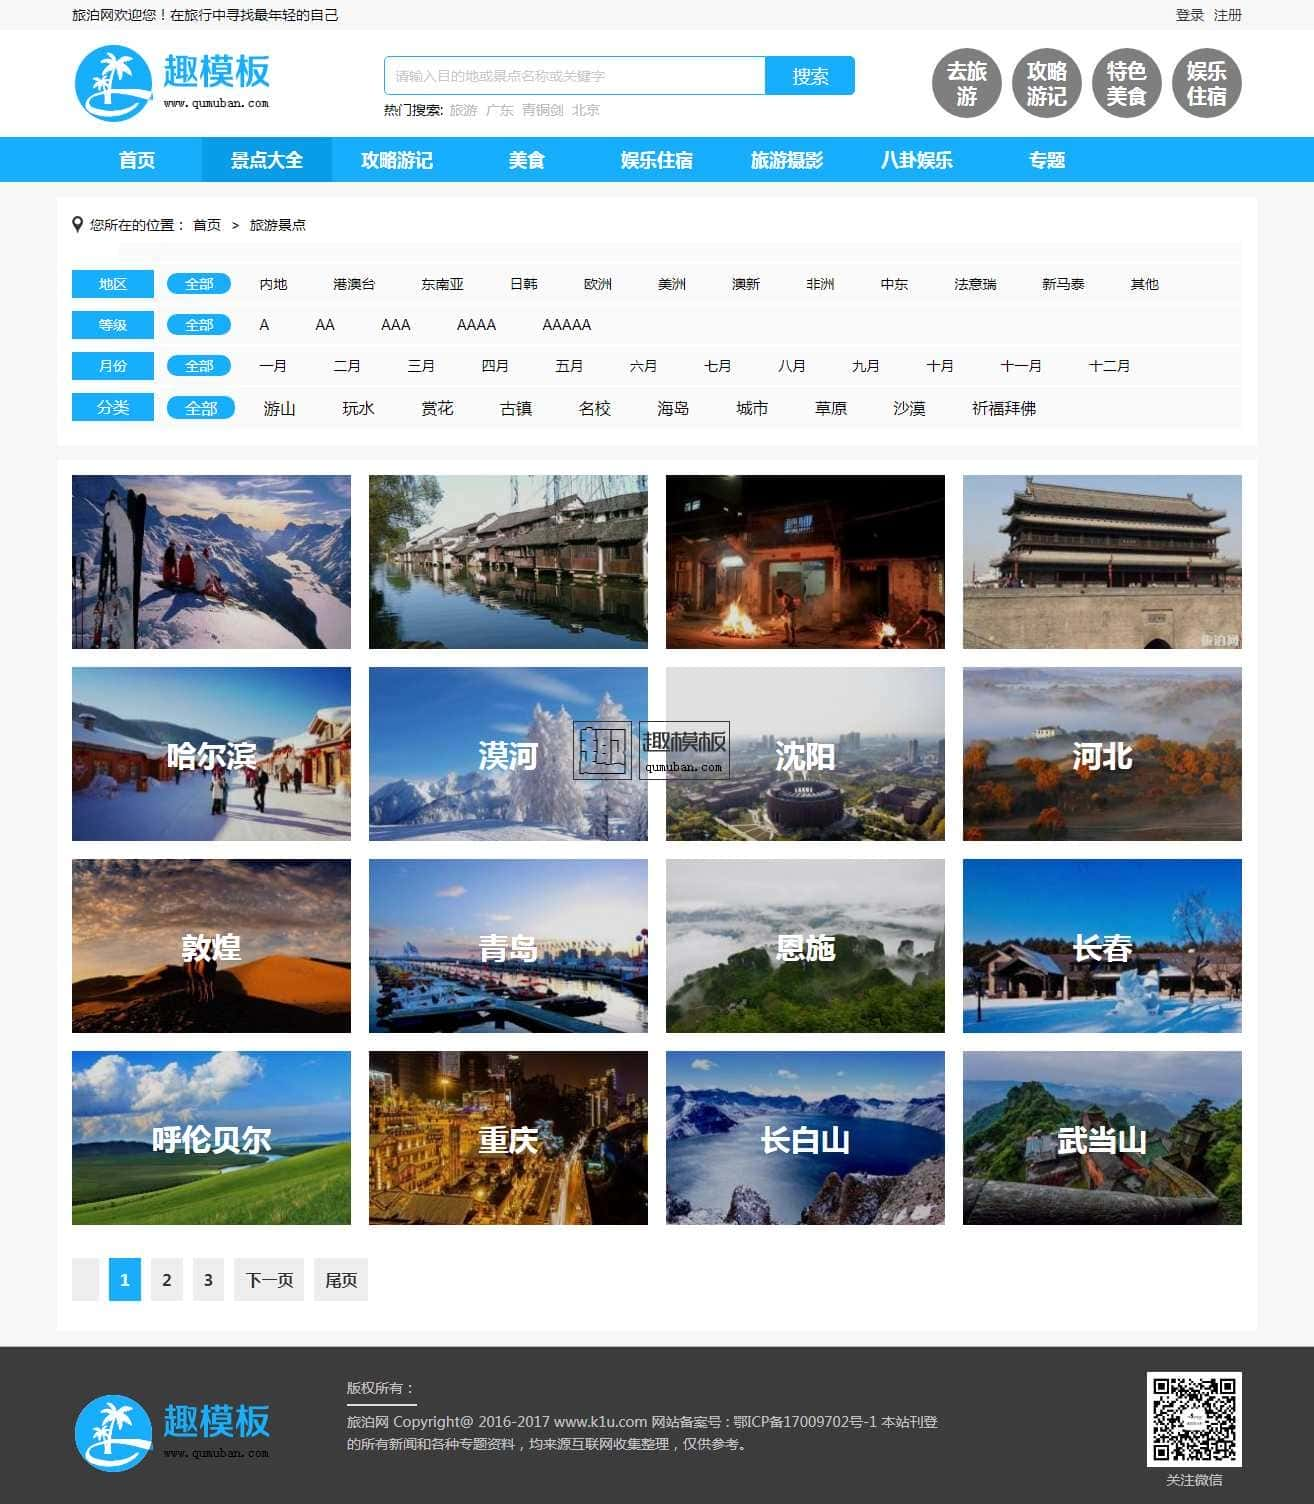 92GAME开发仿旅游类旅泊网旅游网站模板源码带火车头带手机版同步带会员投稿 源码 第2张